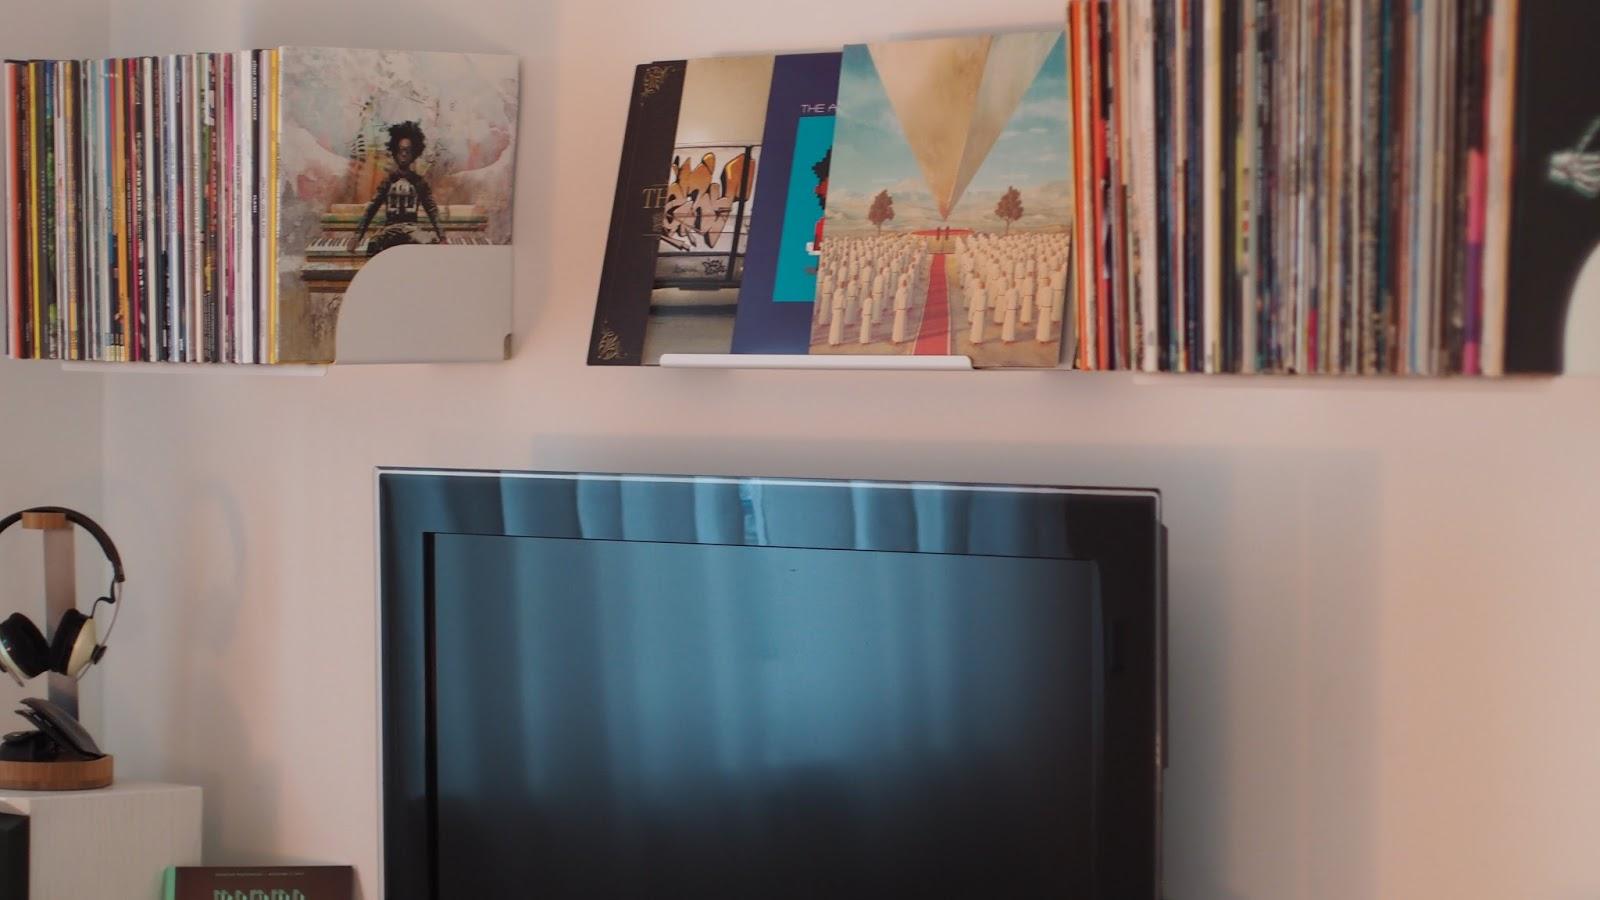 HD Vinyl kommt voraussichtlich 2019 in die Läden   Ein Start-up sorgt für ein High Definition Analogue Audio Storage Medium